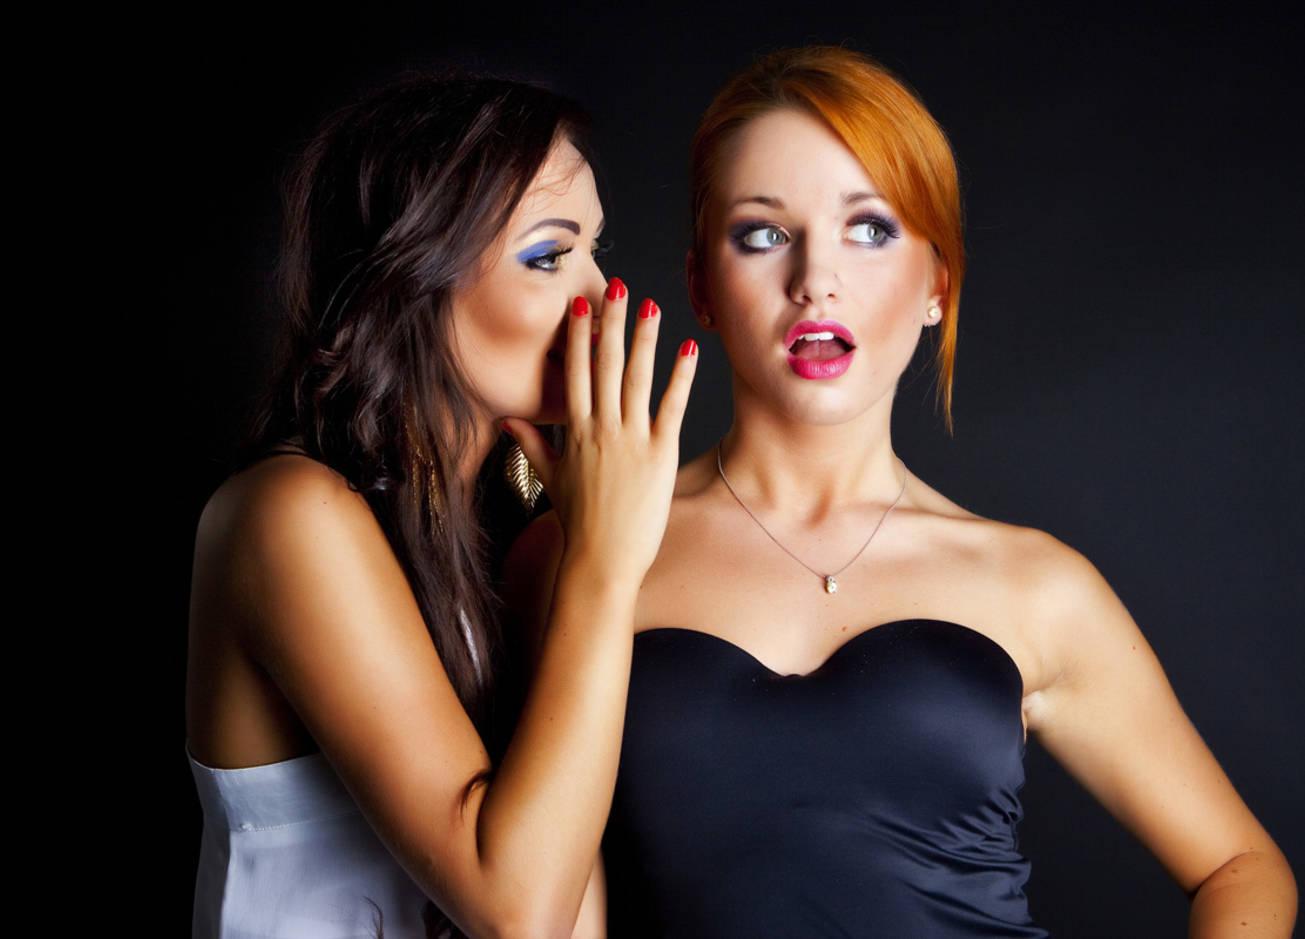 Это личное: 5 секс-деталей, о которых она расскажет подругам